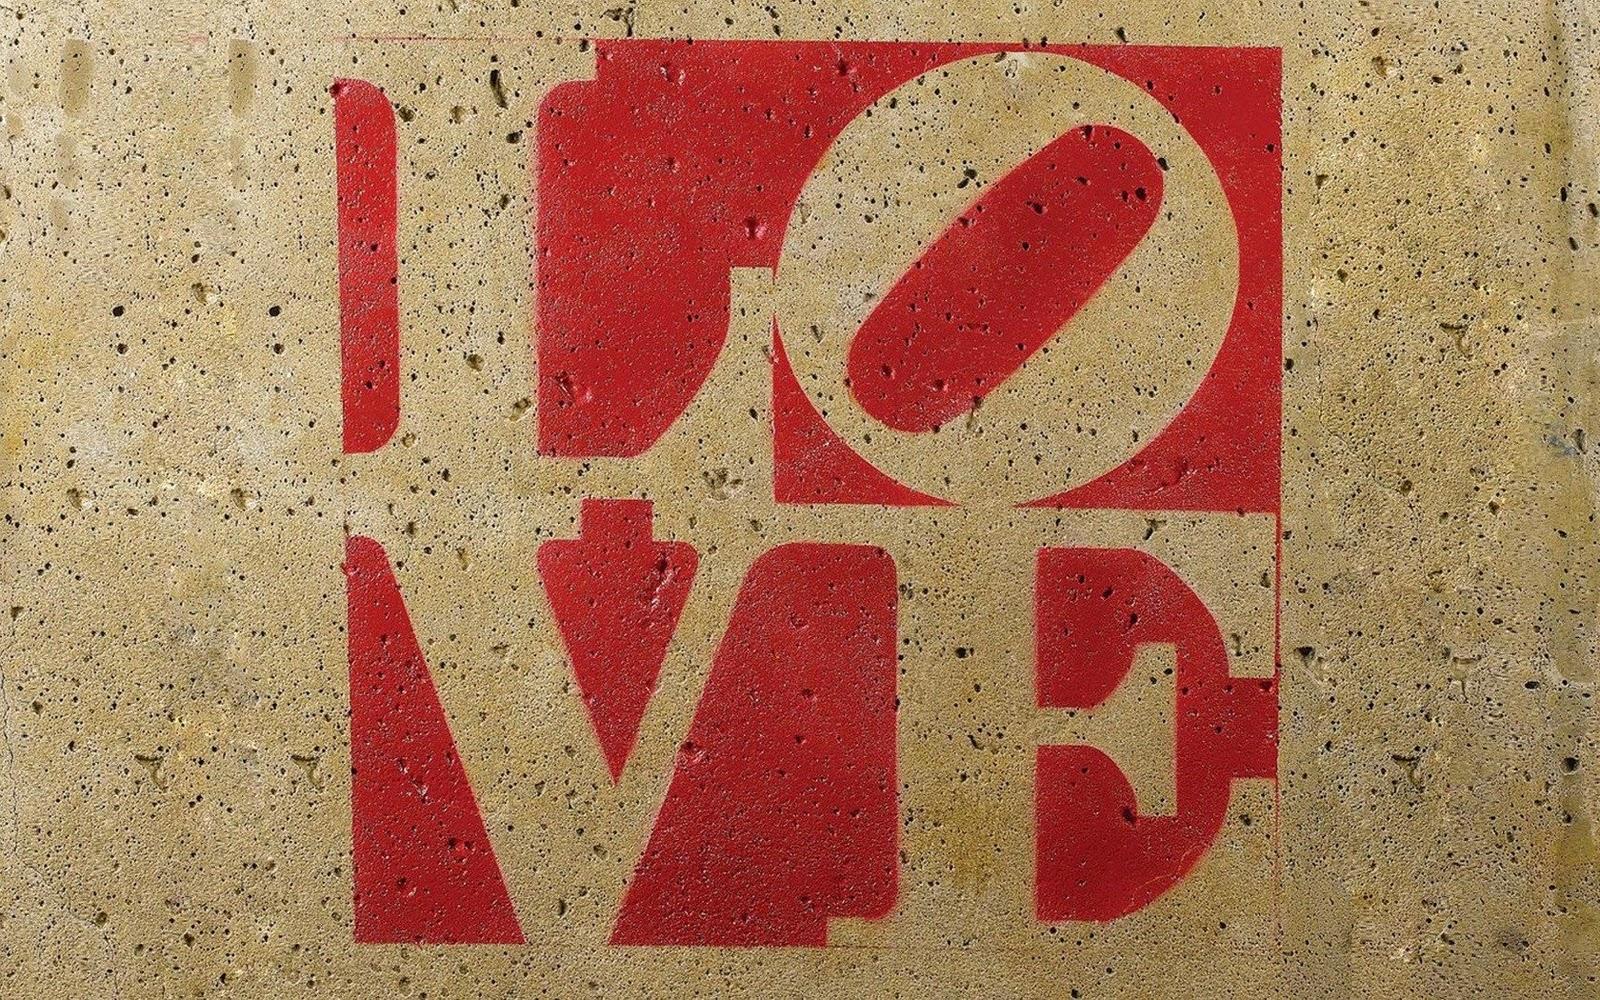 http://1.bp.blogspot.com/-or-4qVW1xRw/TsQM2uDQMfI/AAAAAAAAA6g/tvcKViZrmQs/s1600/Love+Wall+HD+Wallpaper+-+LoveWallpapers4u.Blogspot.Com.jpg